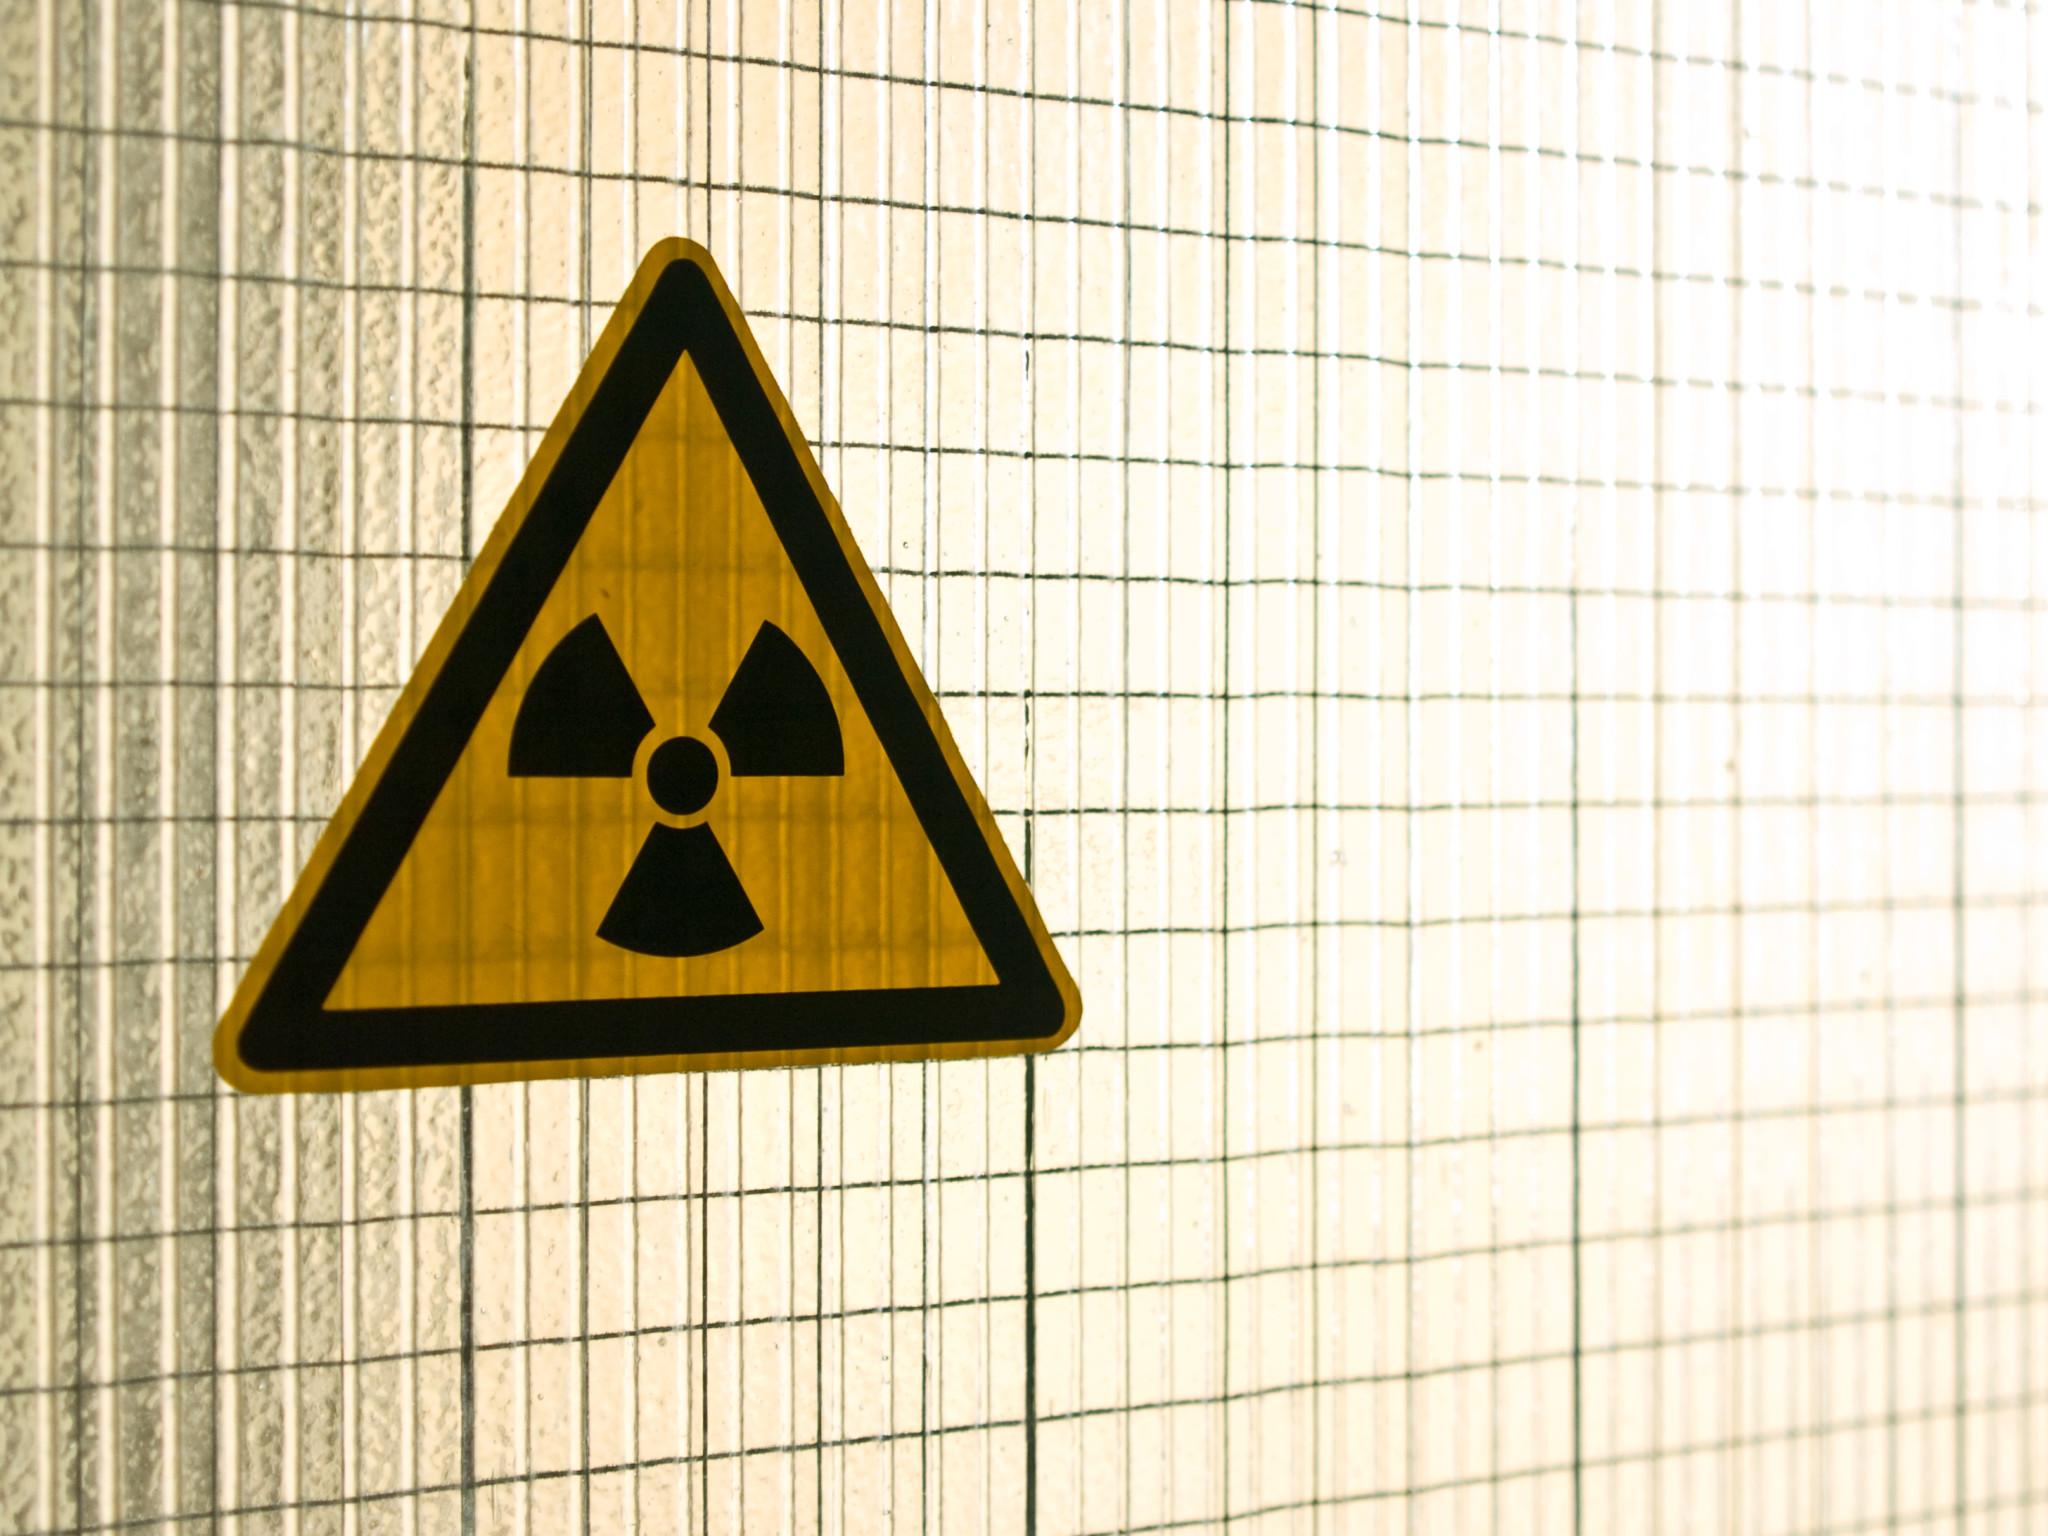 belarus mise activite premier reacteur nucleaire - L'Energeek